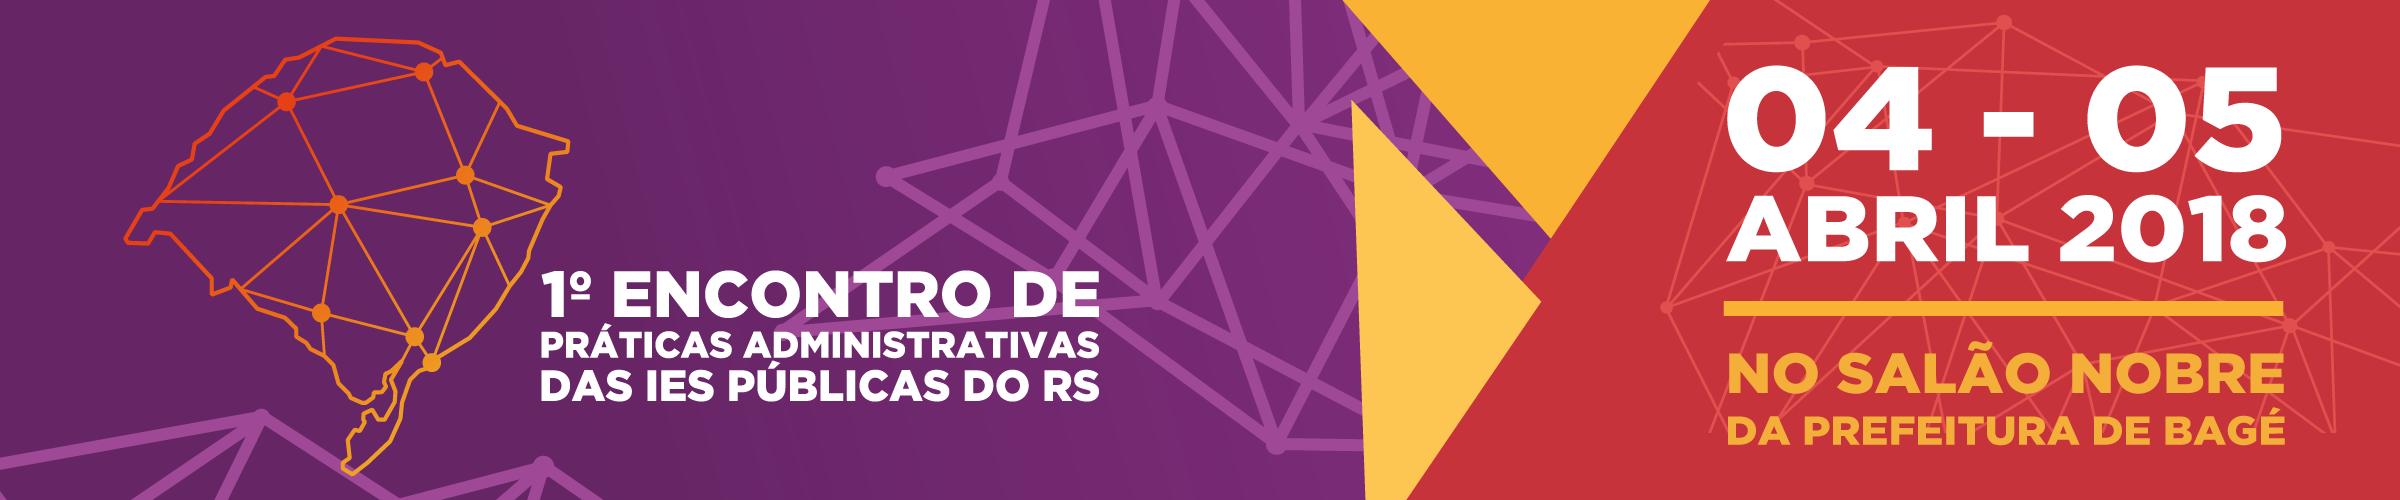 1º Encontro de Práticas Administrativas das IES Públicas do RS